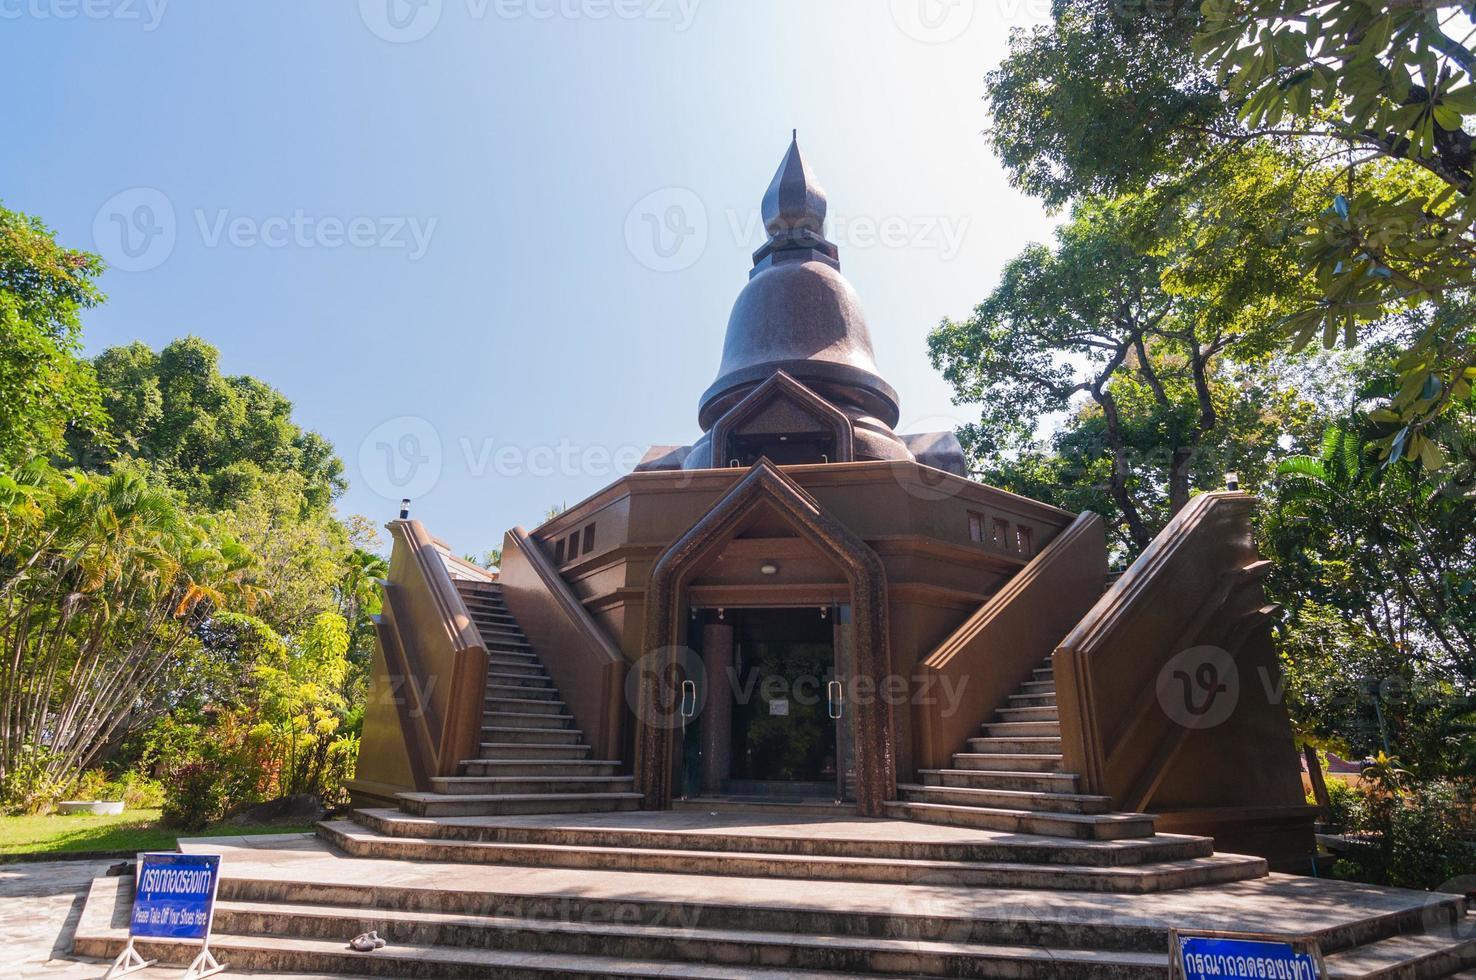 ajahn louis juntasaro museum, sakon nakhon, thailandia foto